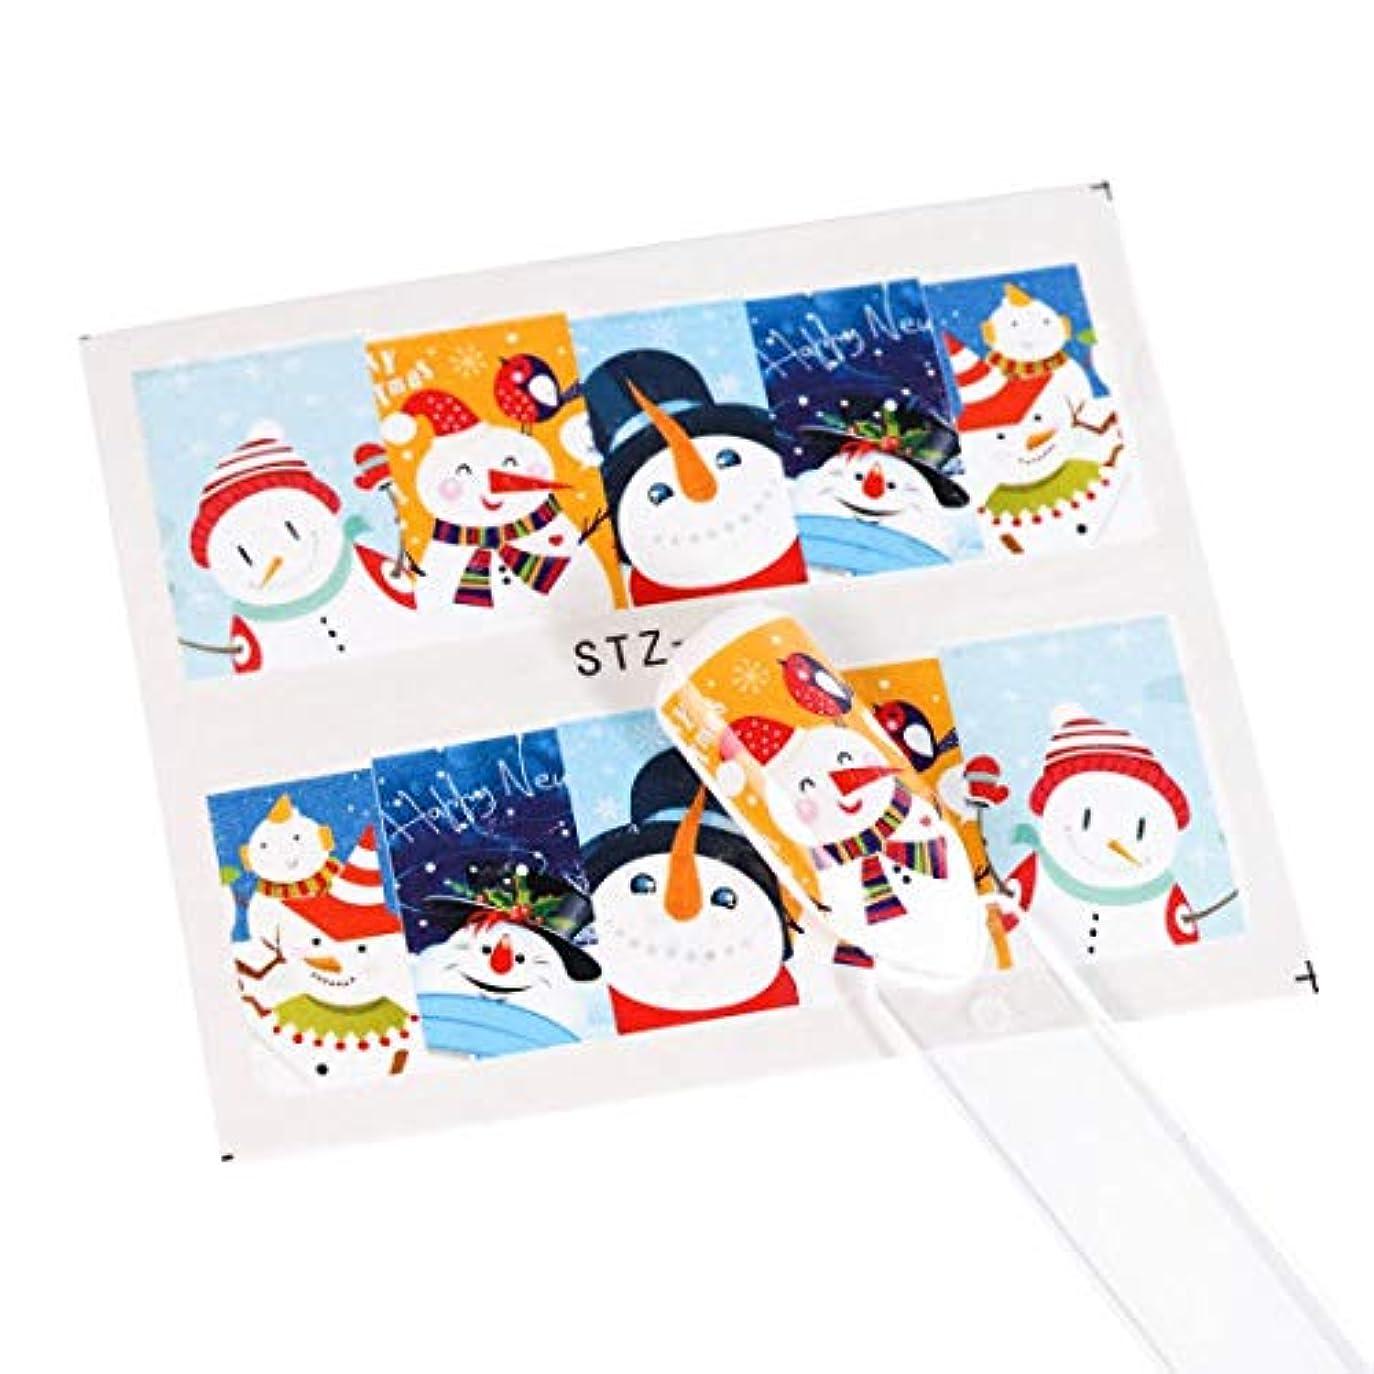 代表してロック解除思い出させるSUKTI&XIAO ネイルステッカー 1ピースクリスマス新年ネイルステッカーウォーターデカールスライダータトゥースノーフレークサンタフルラップマニキュア装飾箔、Stz798